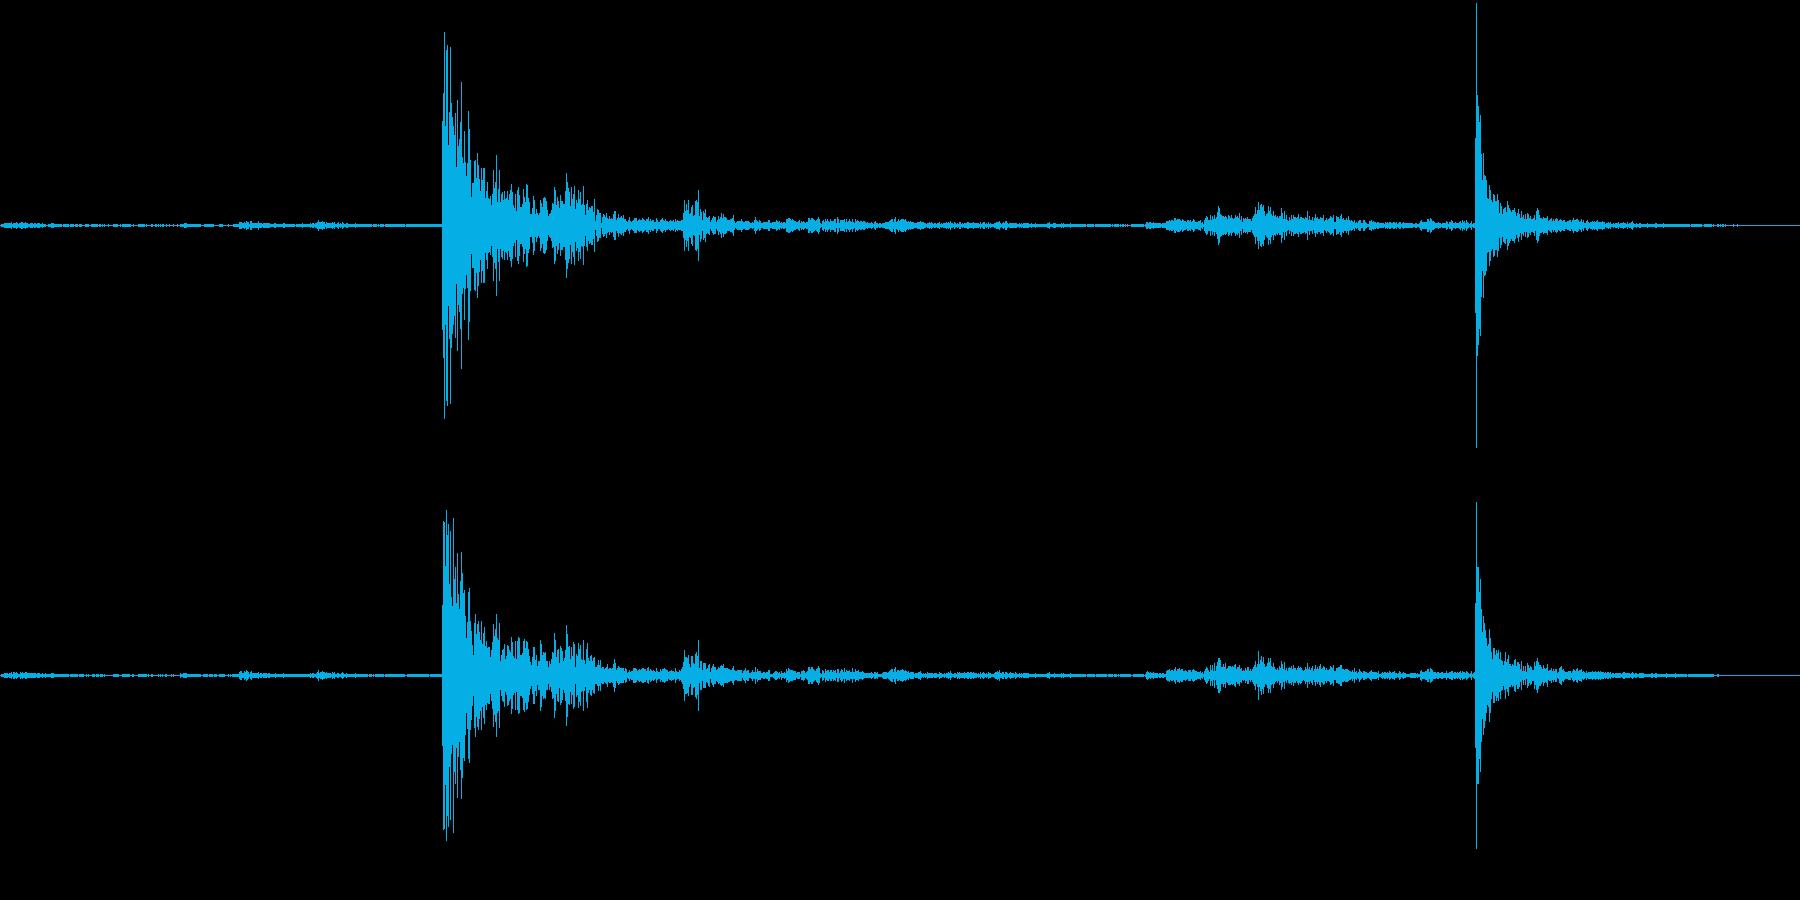 【生録音】弁当・惣菜パックの音 9 フタの再生済みの波形